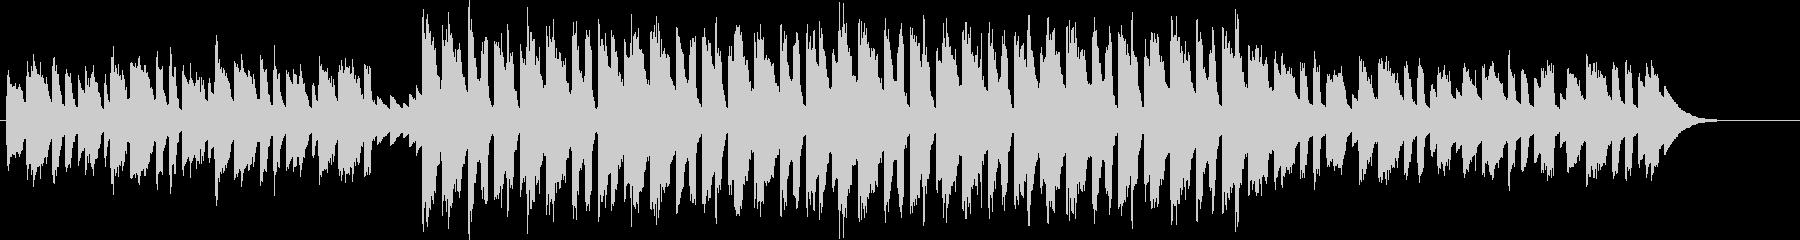 キラキラ輝くサウンドなエレクトロの未再生の波形